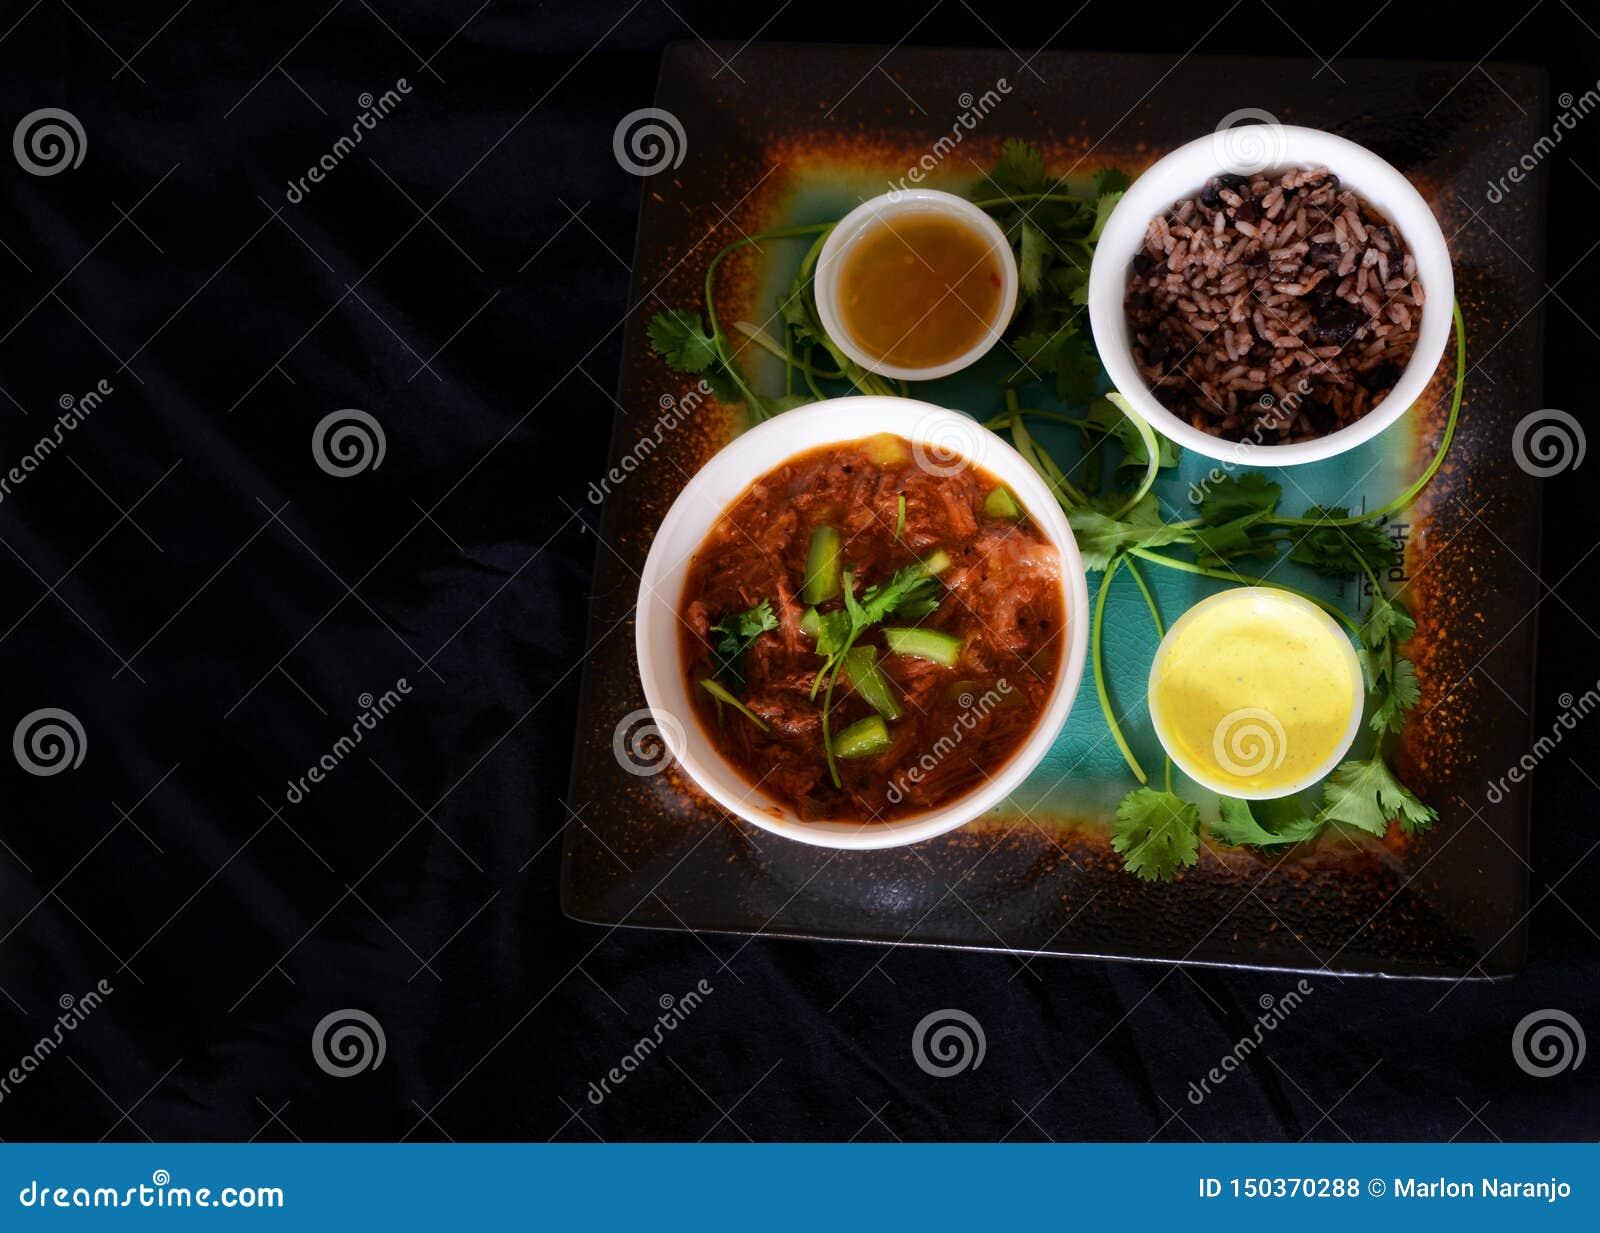 Kubansk mat i mörkt matfunktionsläge